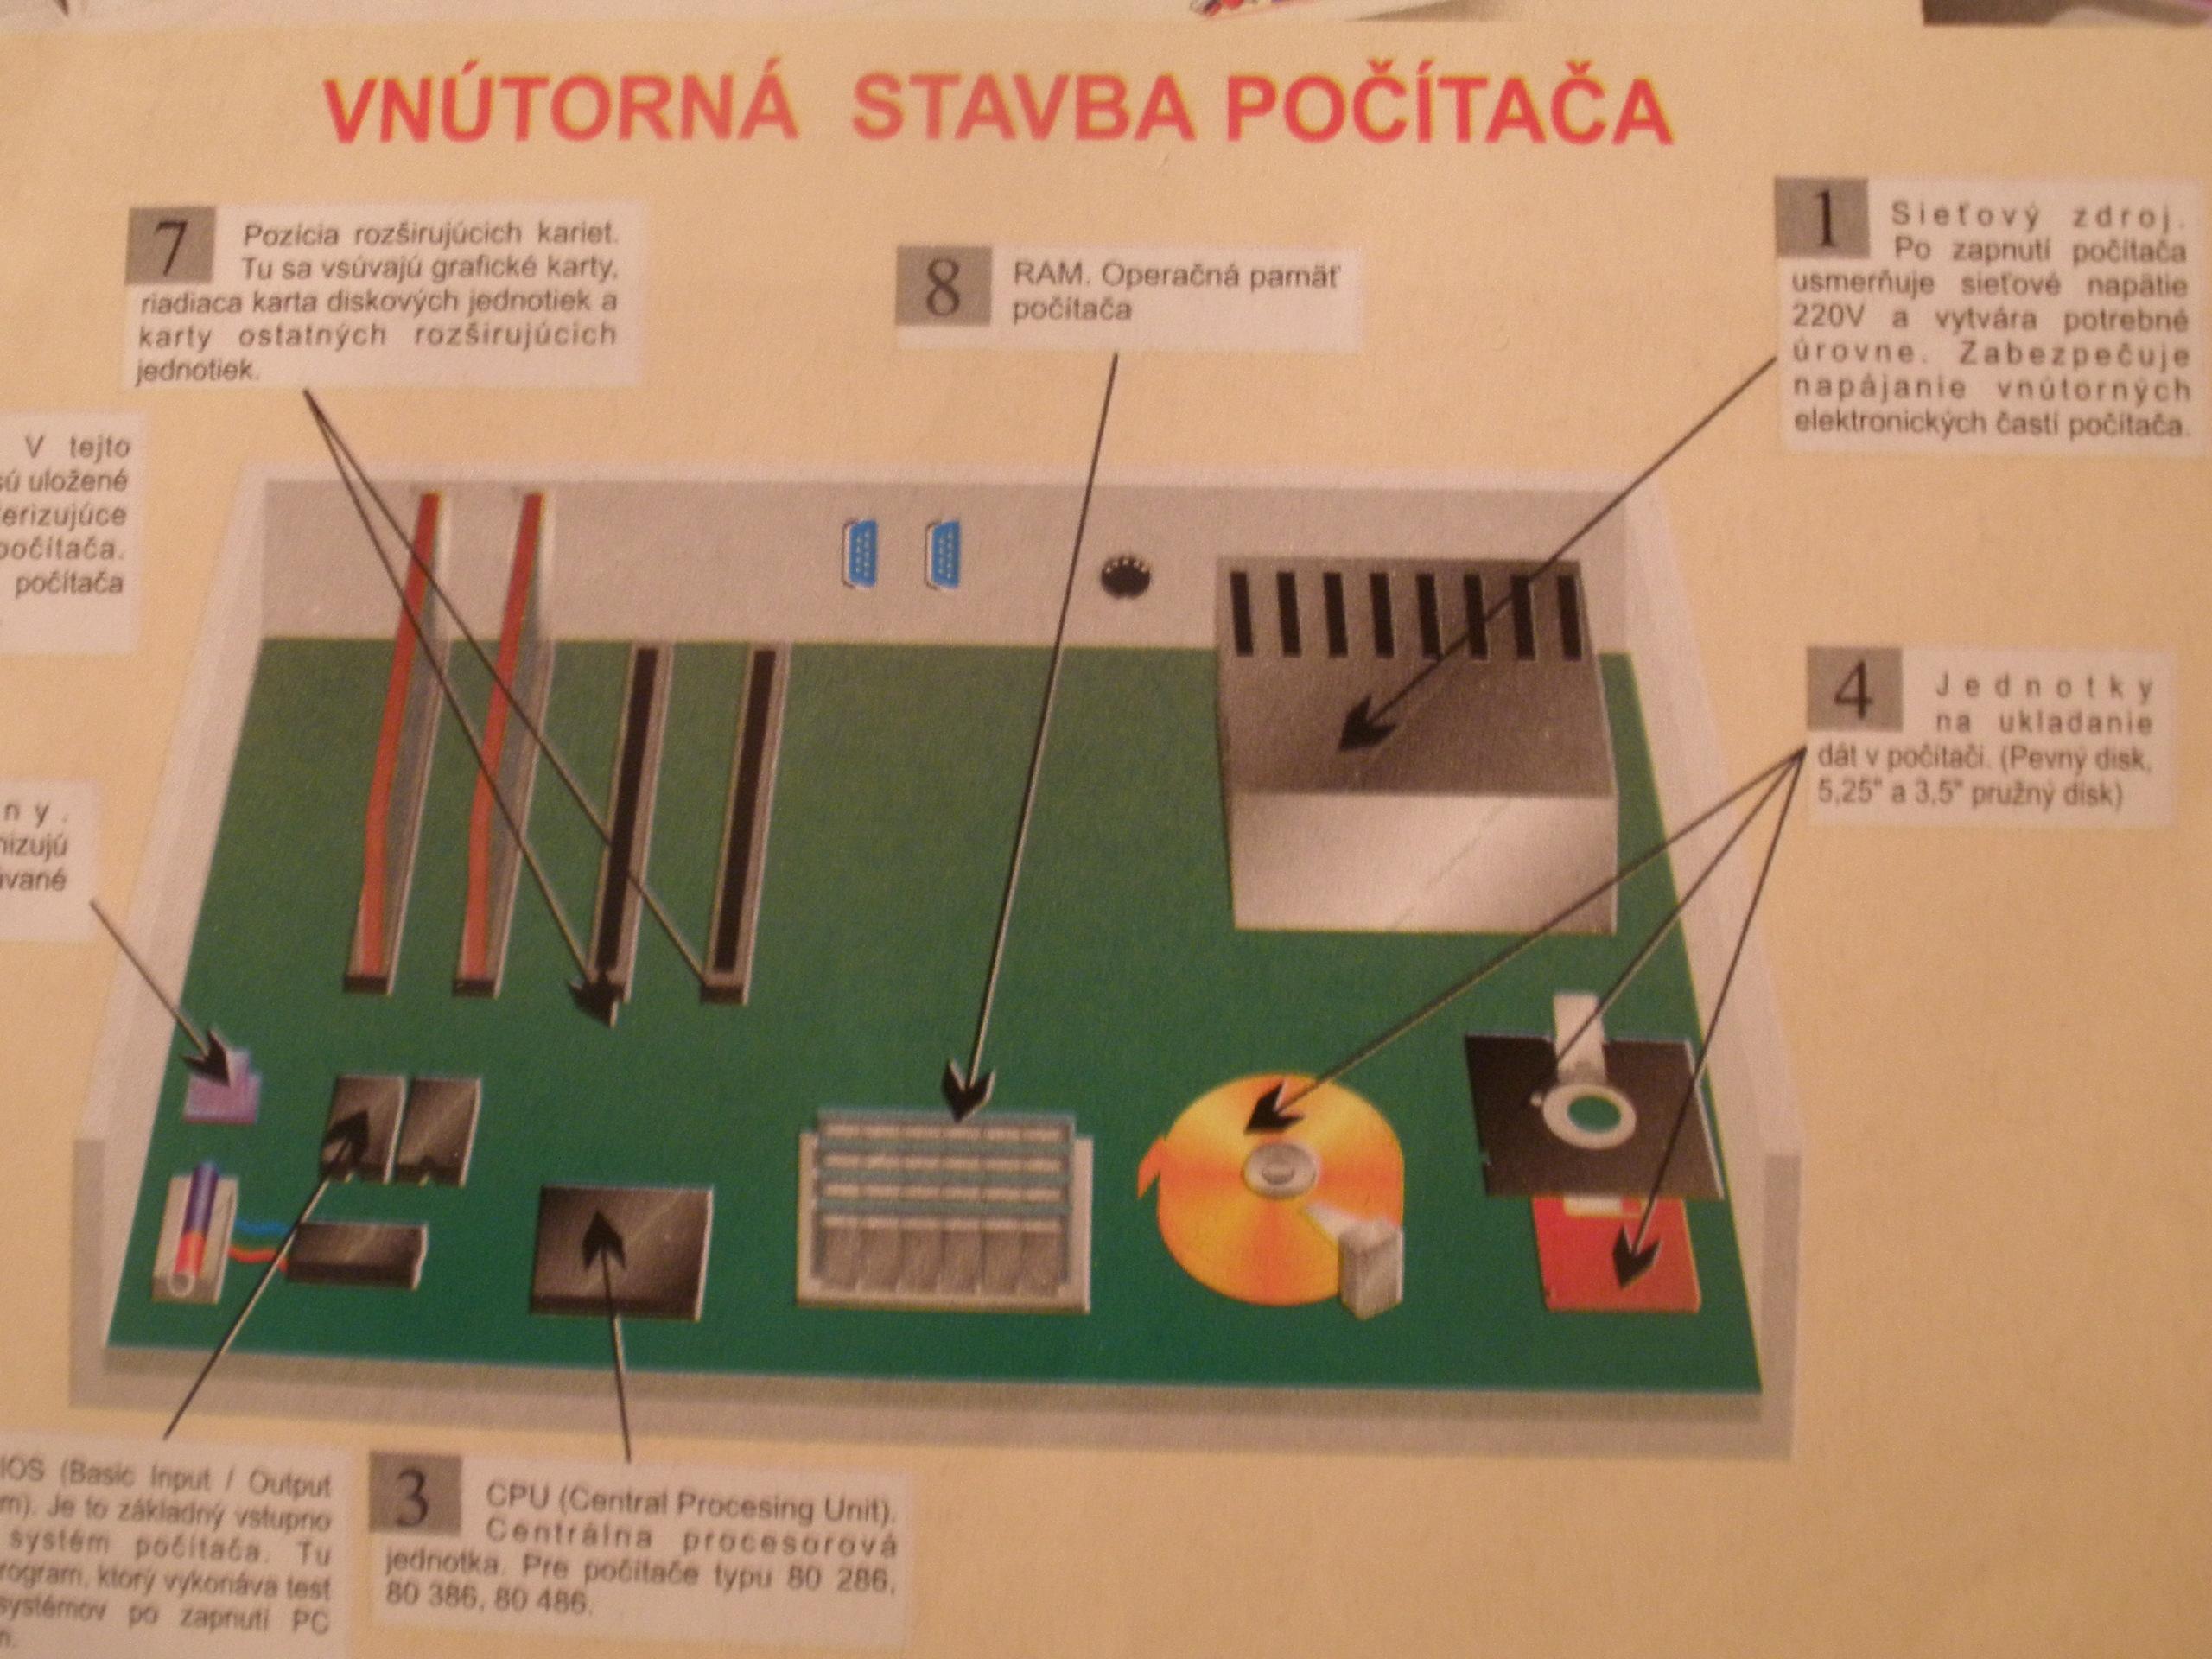 Vnútorná stavba počítača